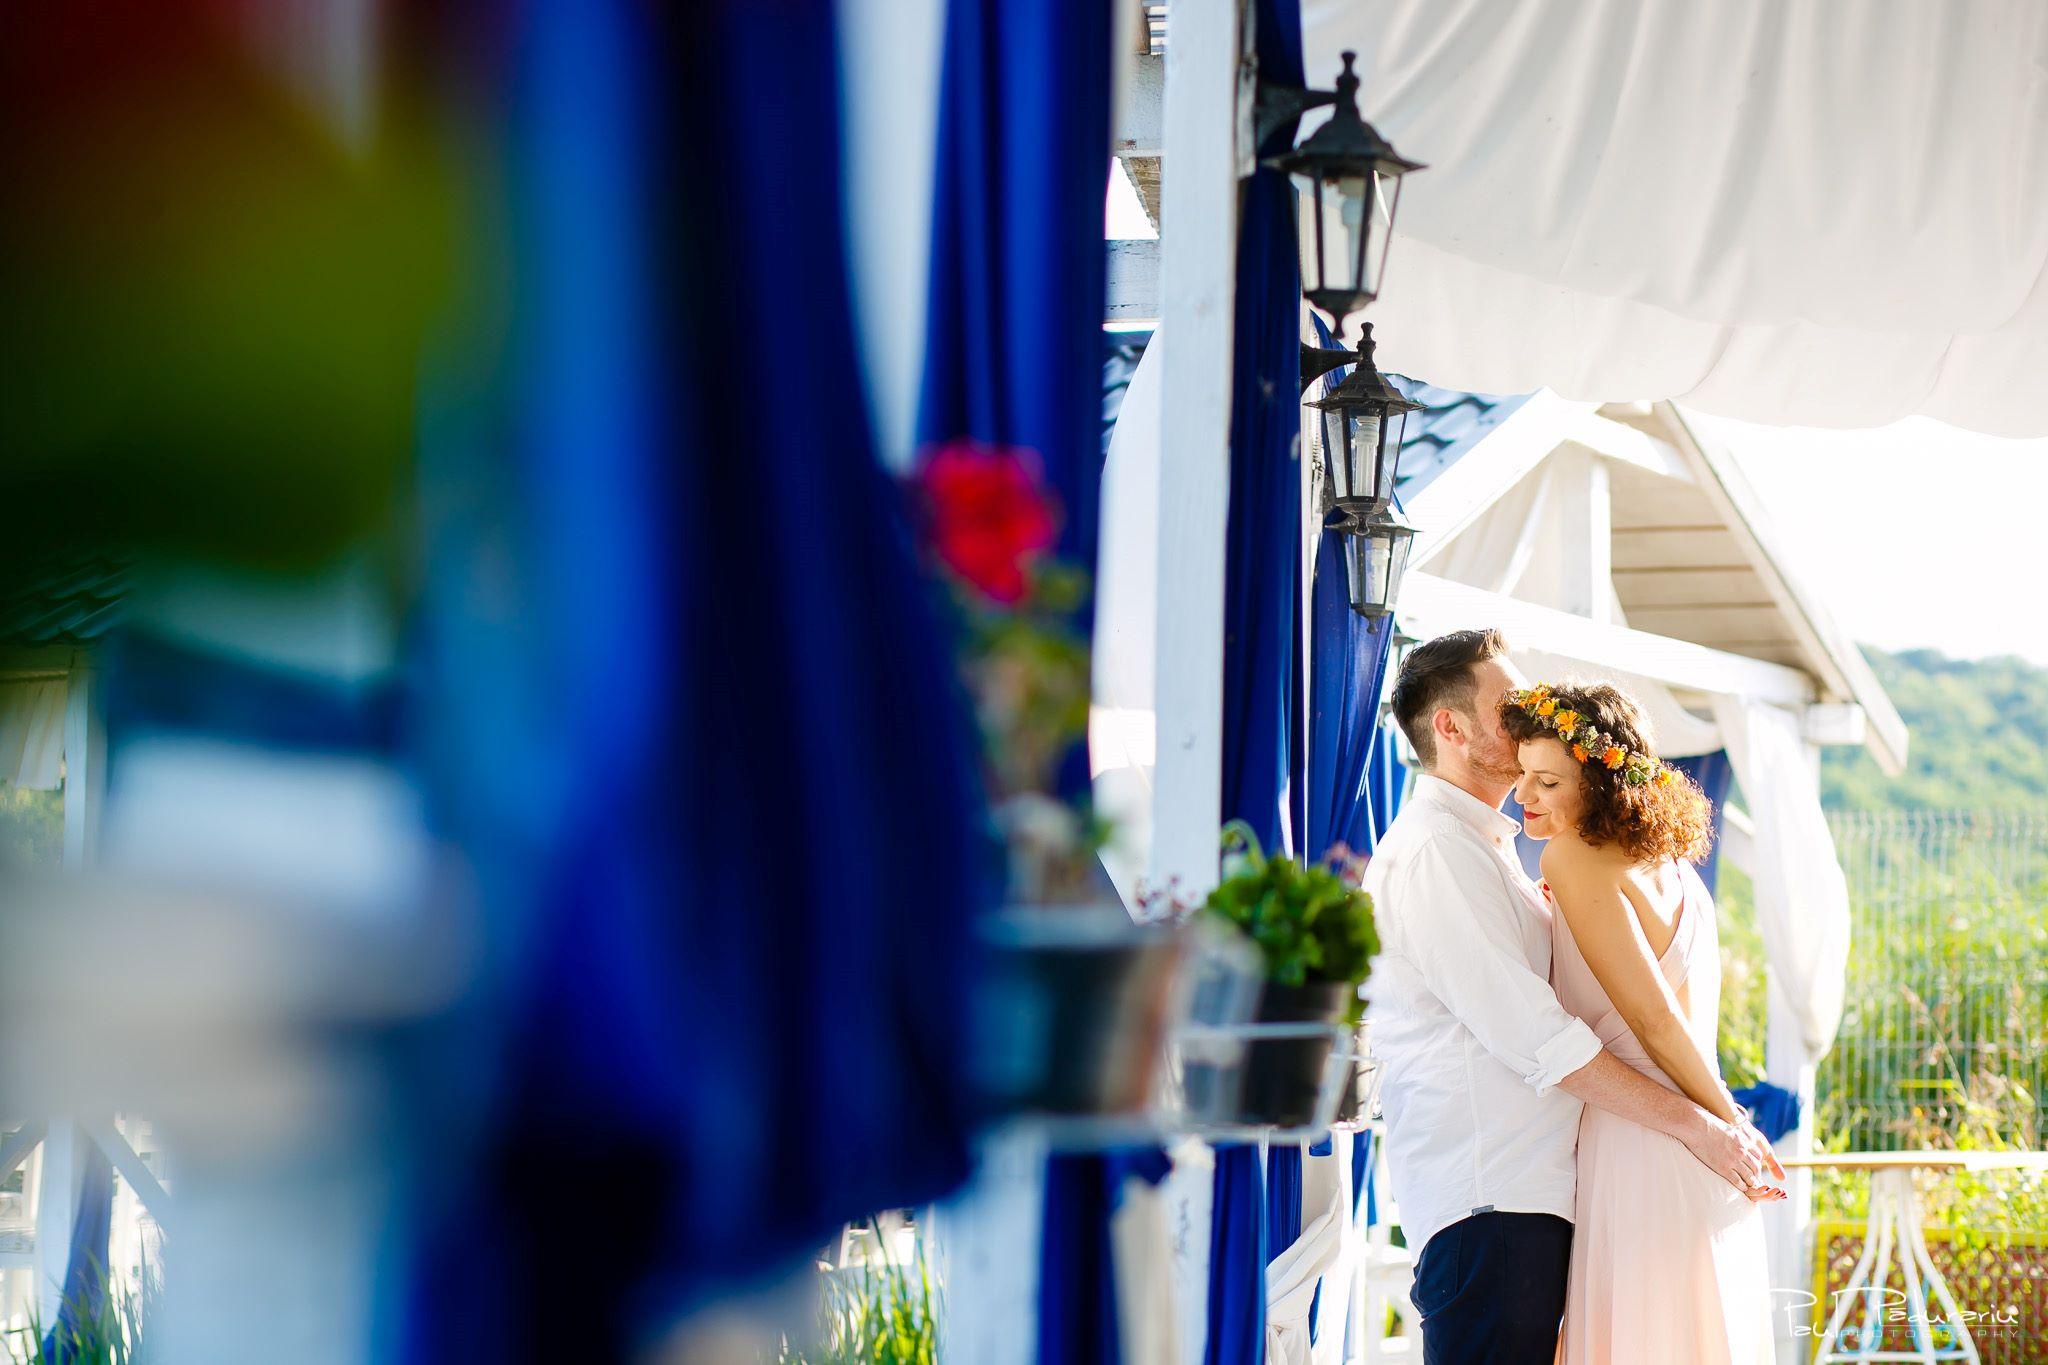 Mircea si Adina - shooting outdoor fotografie logodna | paul padurariu fotograf iasi 2019 4